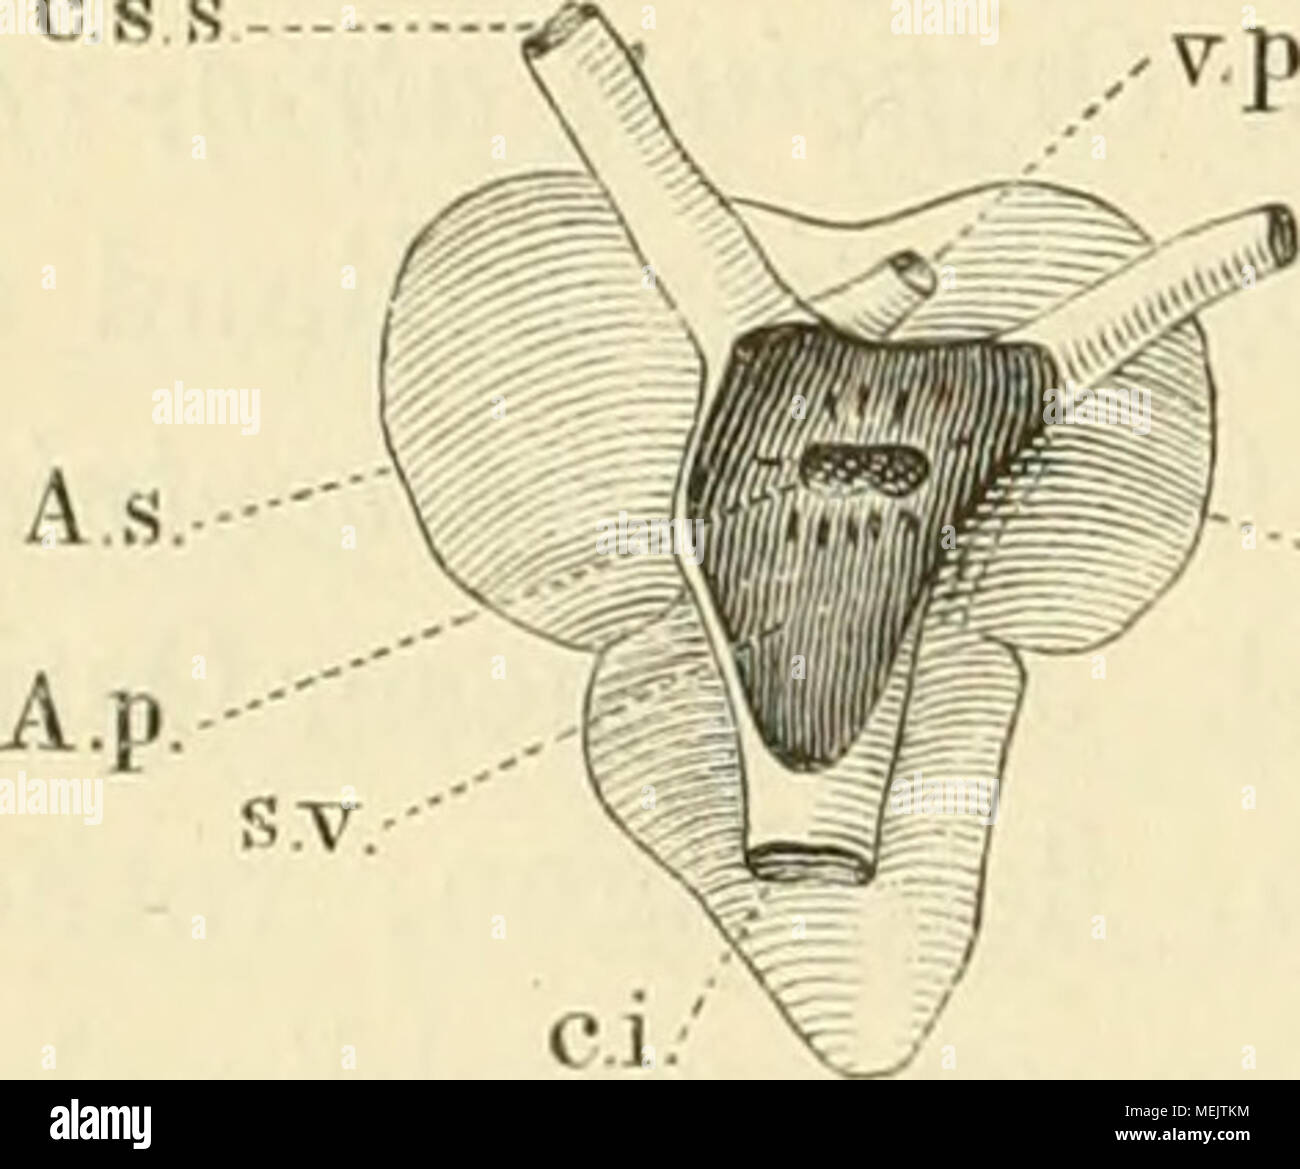 Wunderbar Quizlet Anatomie Und Physiologie Kapitel 4 Test ...